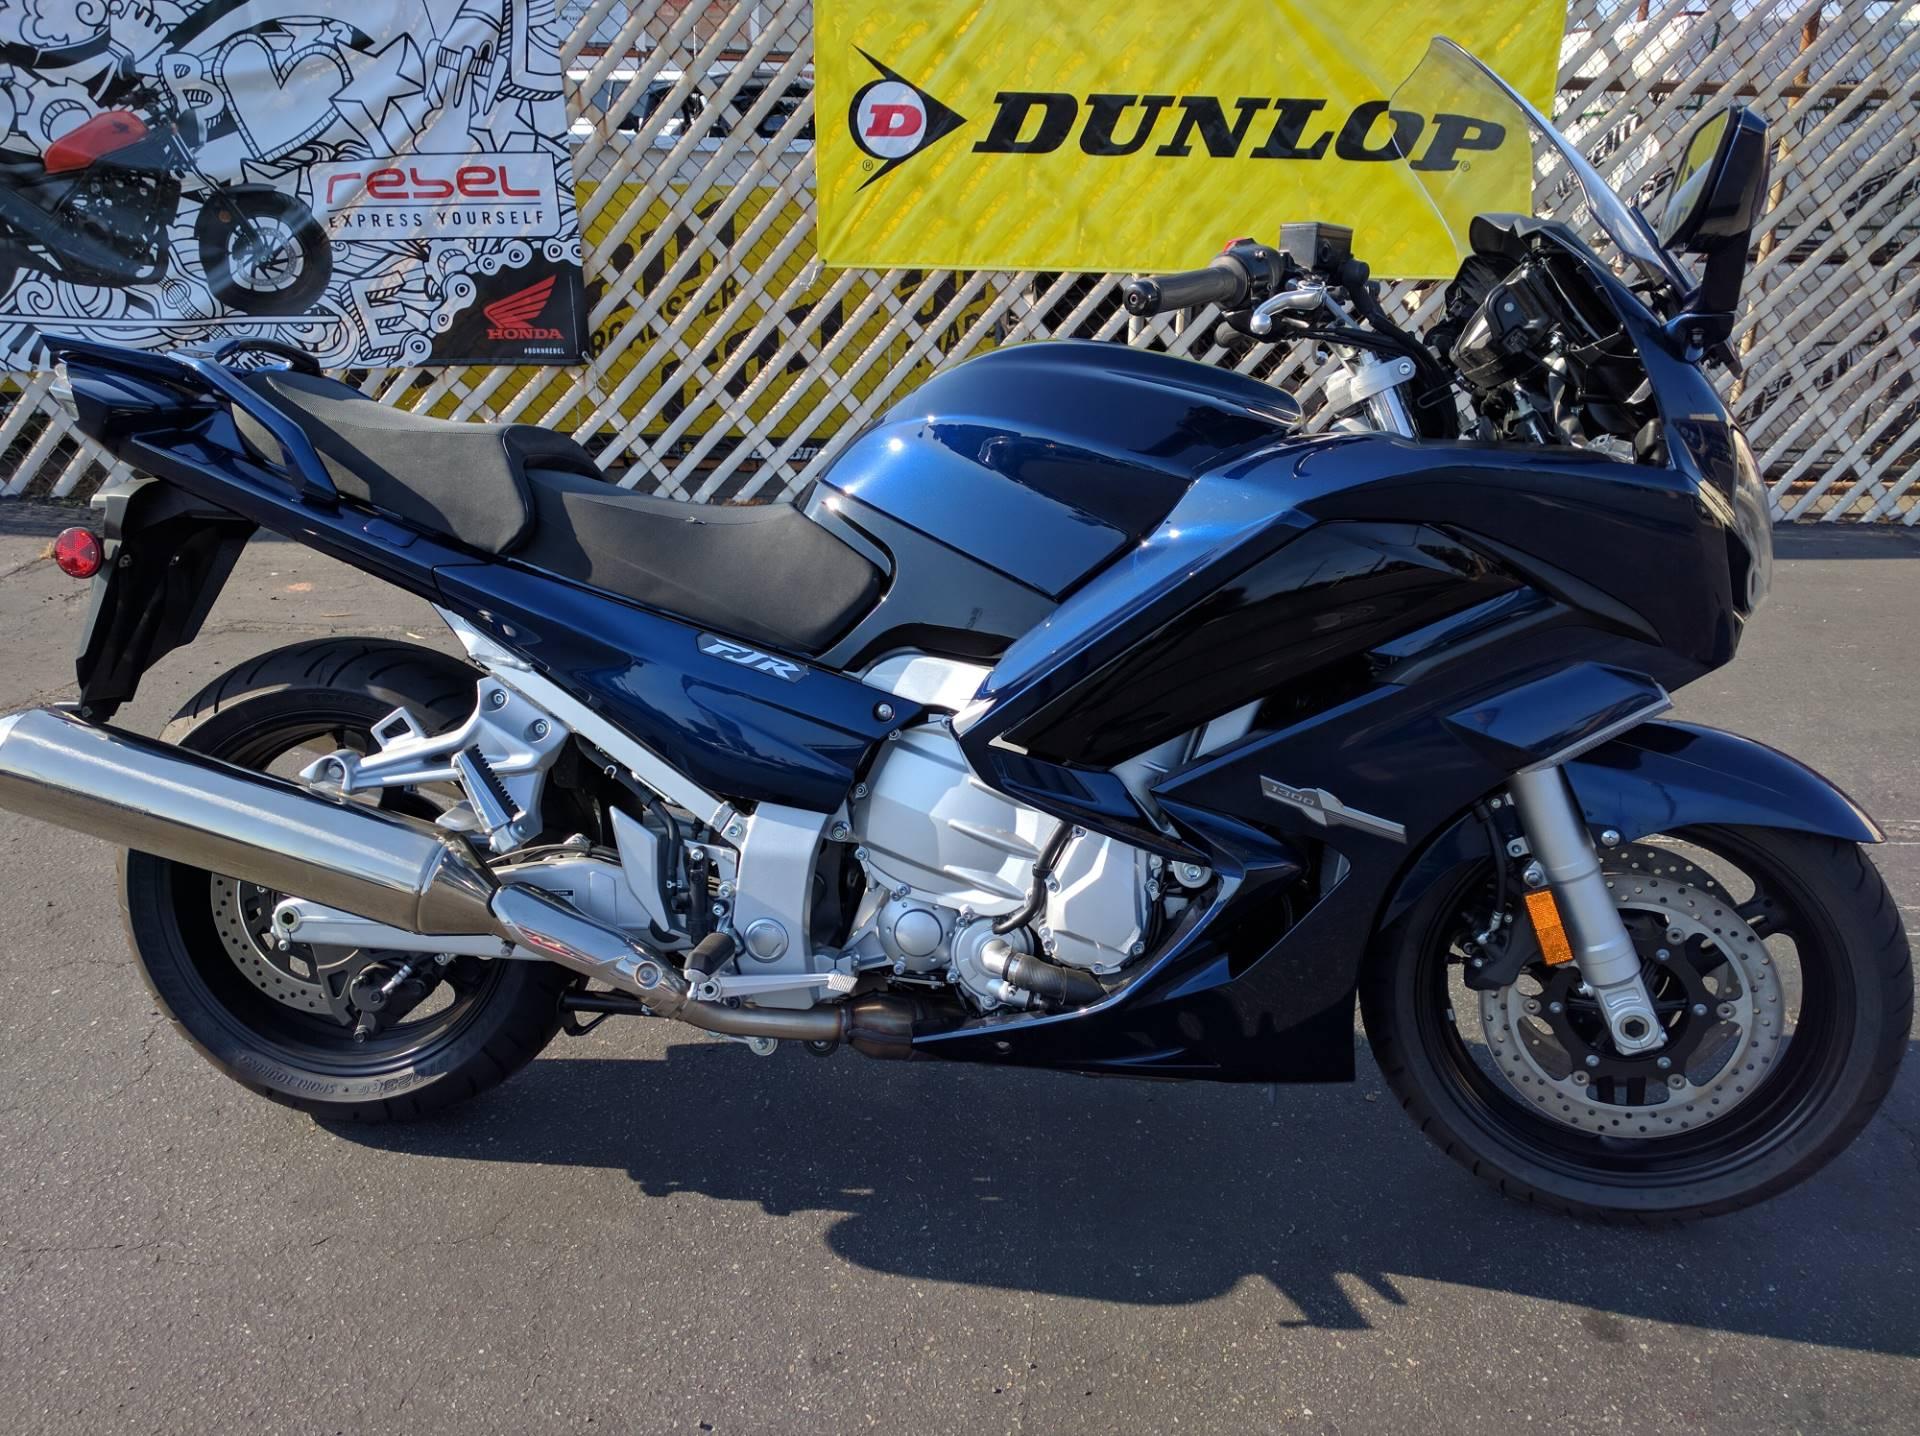 2016 Yamaha FJR1300A for sale 13989